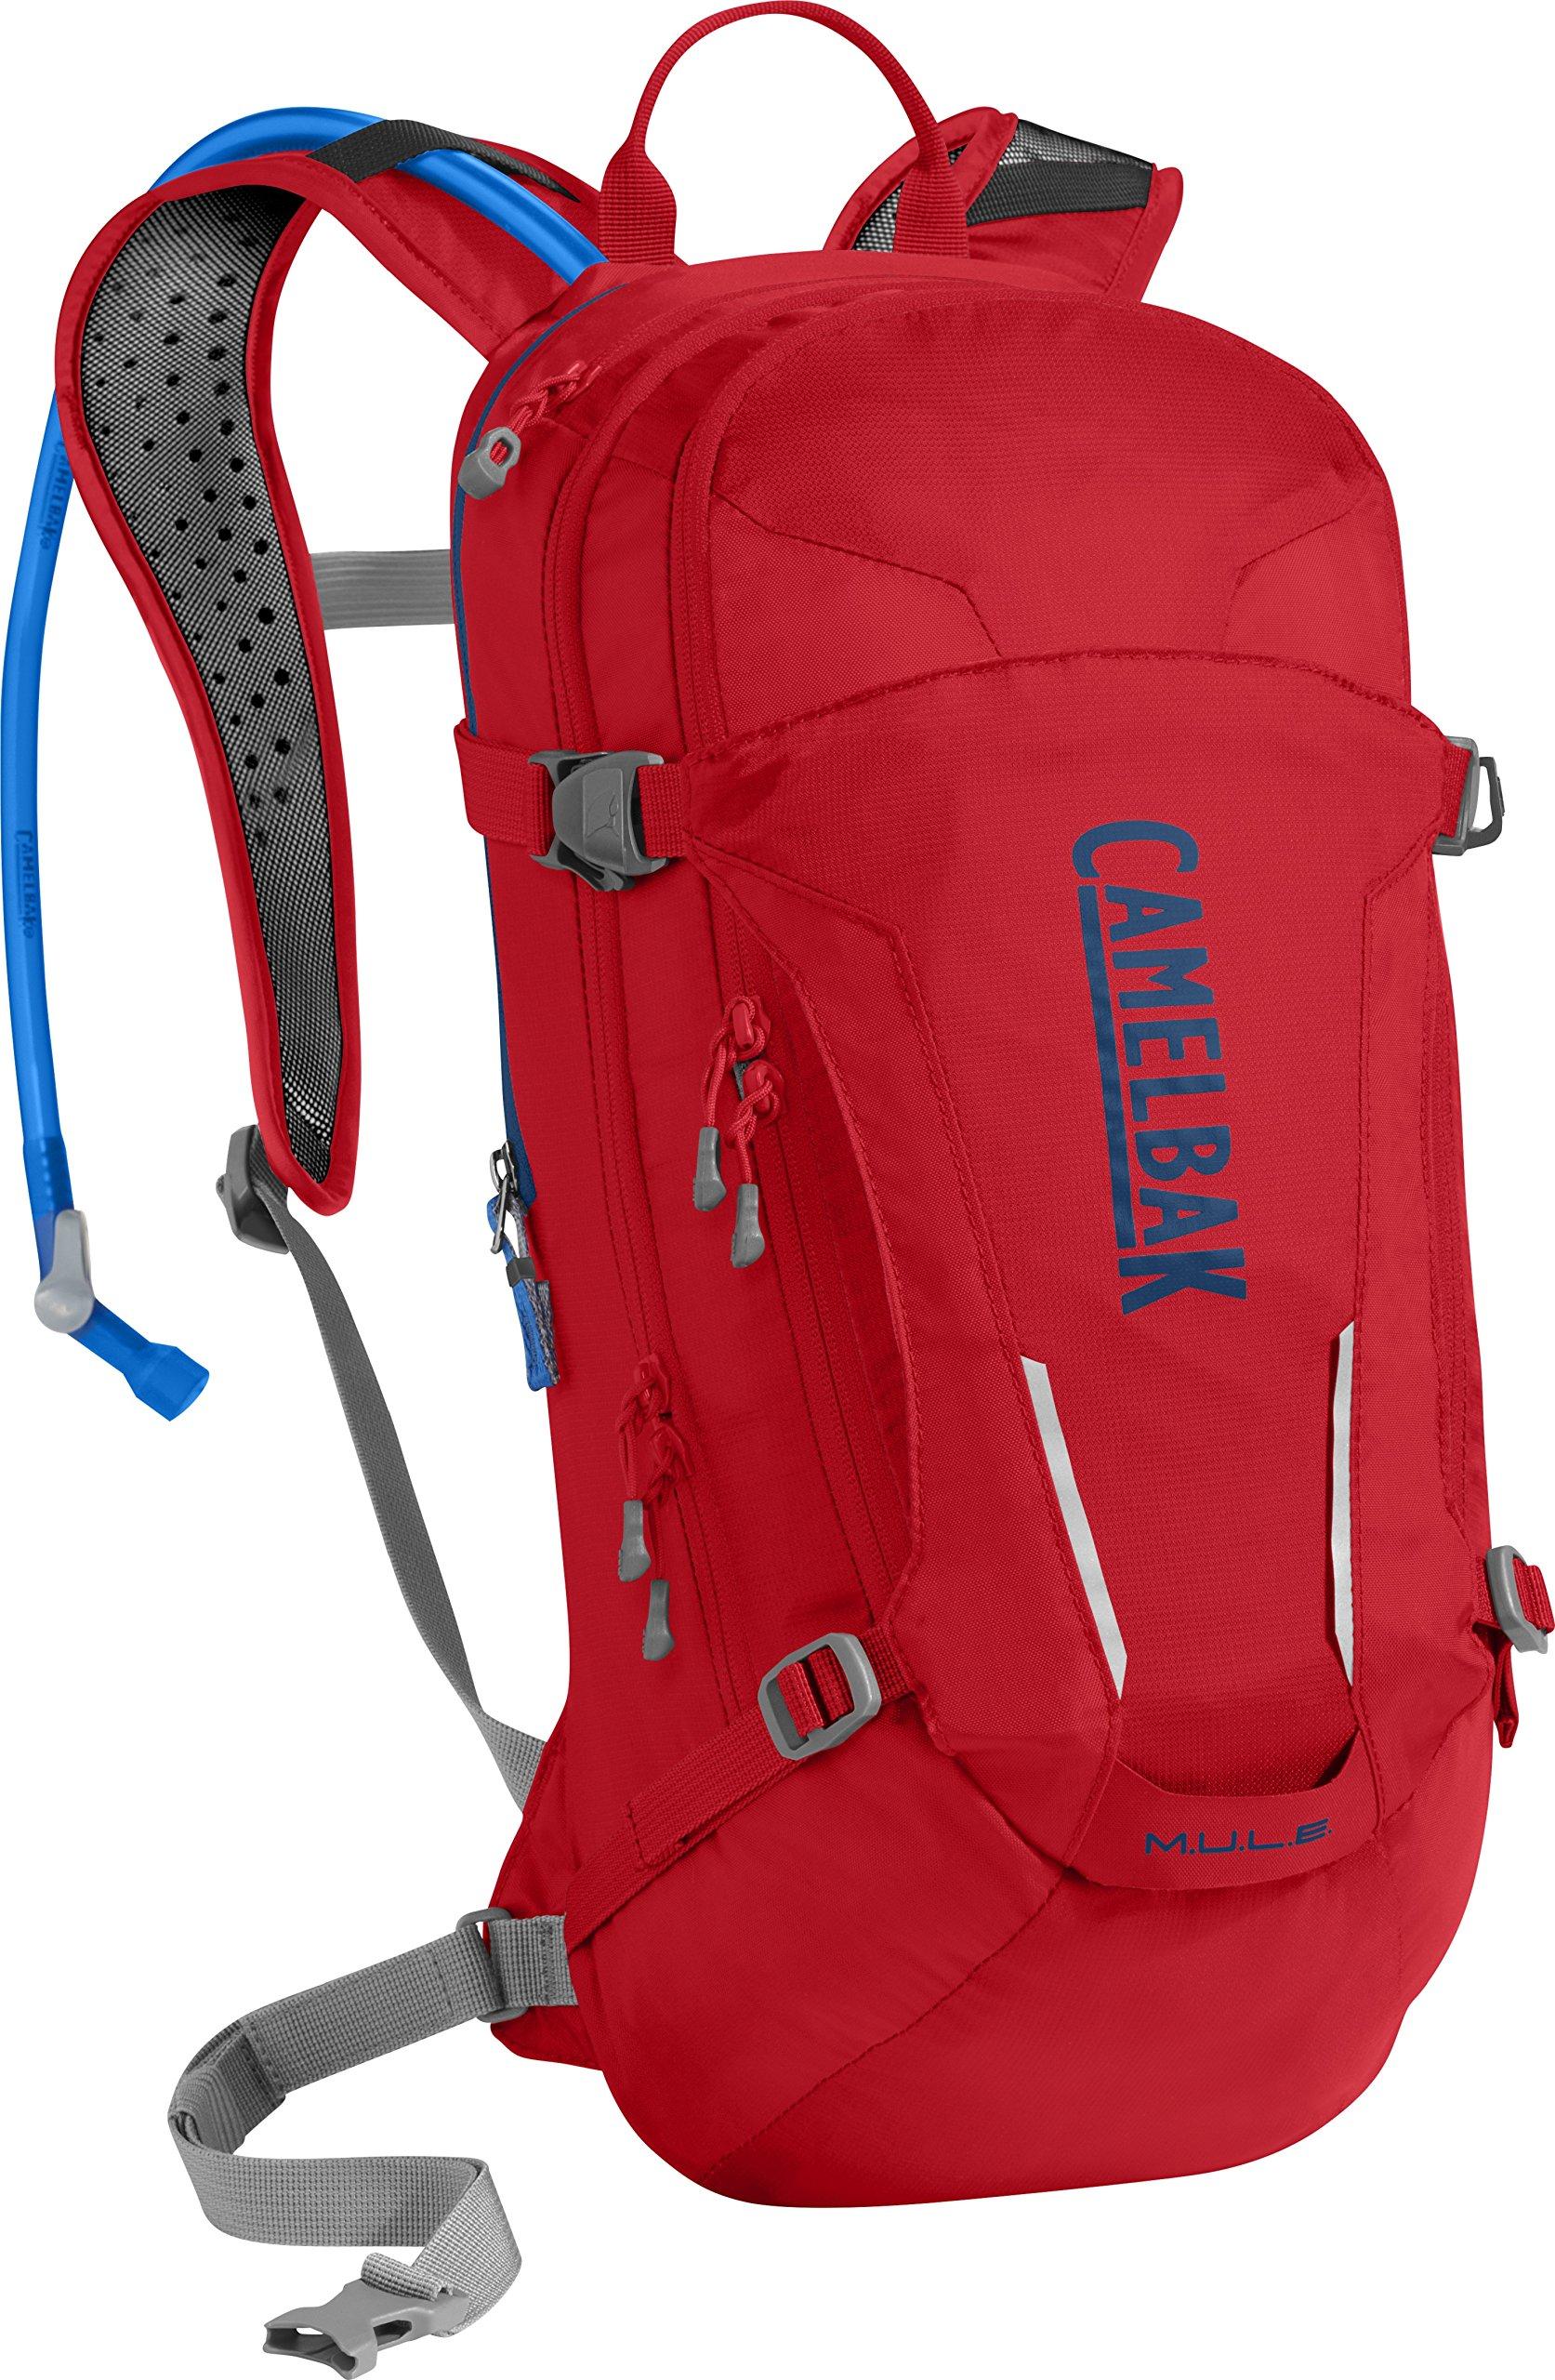 CamelBak M.U.L.E. Crux Reservoir Hydration Pack, Racing Red/Pitch Blue, 3 L/100 oz